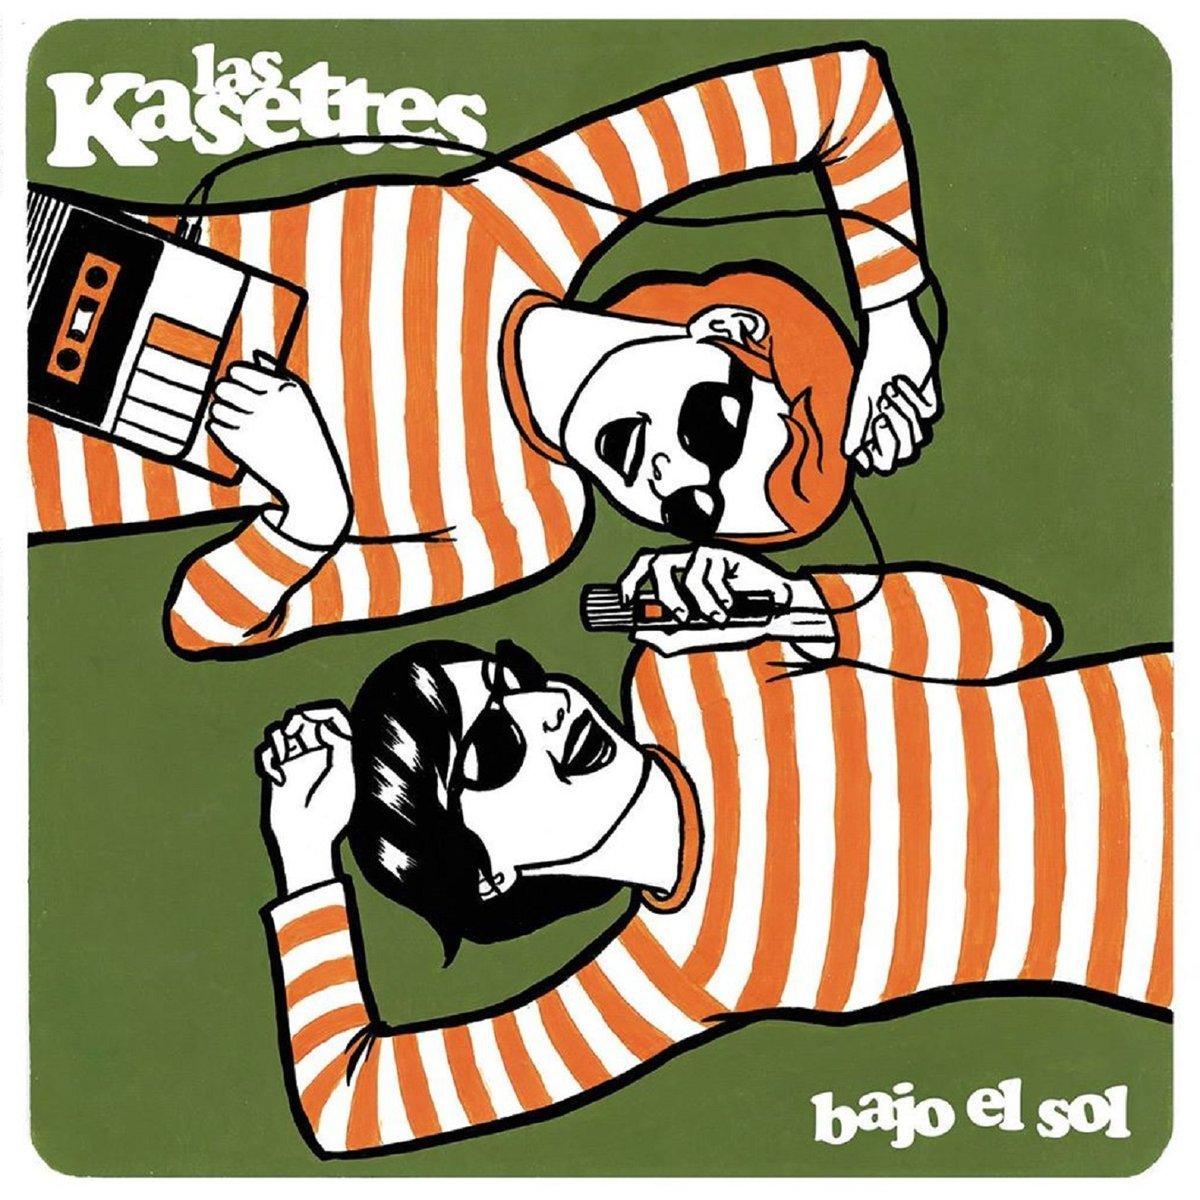 sp33_kasettes_bajo_sol